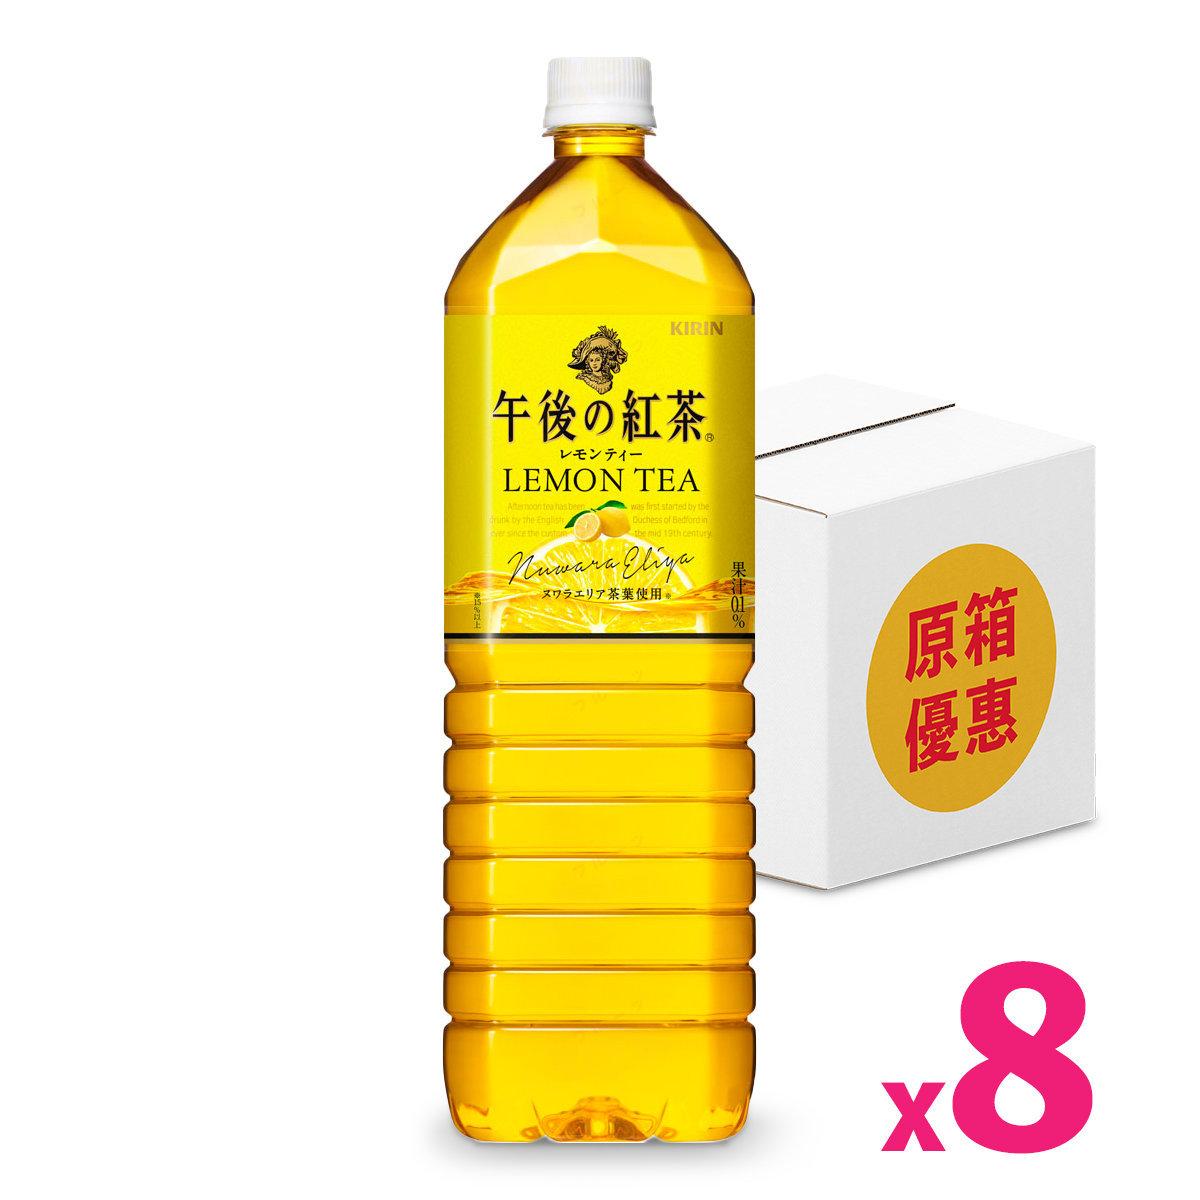 Afternoon Tea - Lemon Tea (1500ml) x 8bottles